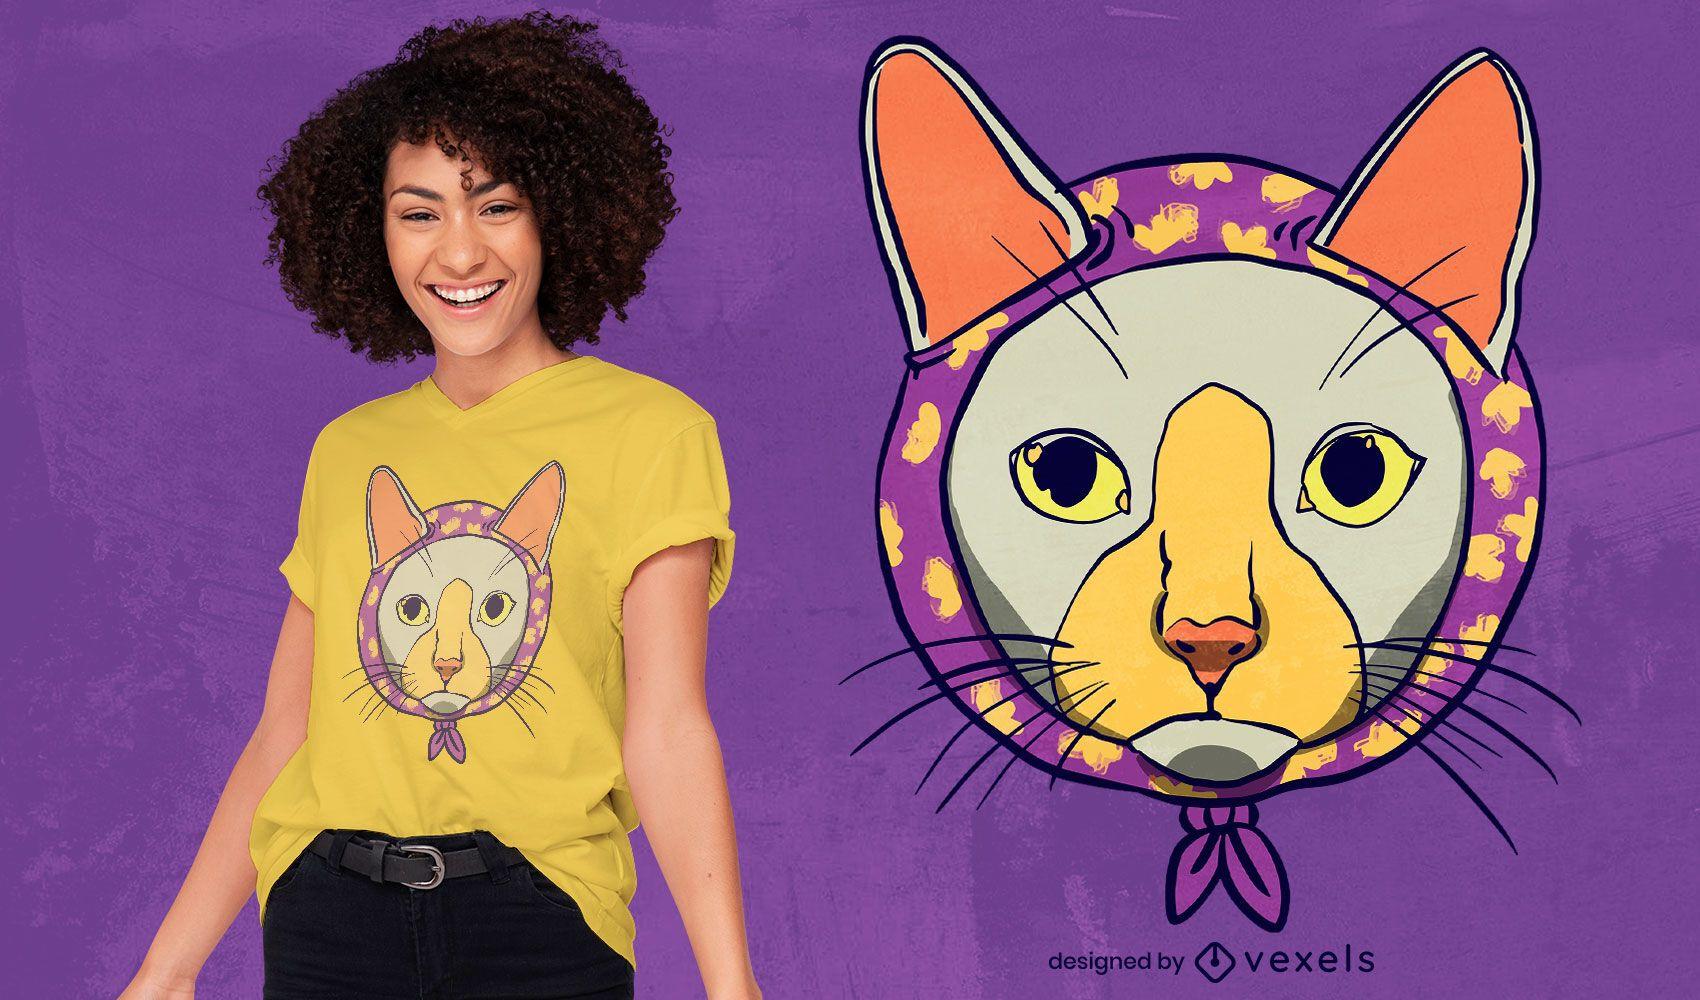 Animal gato con dise?o de camiseta de bufanda.